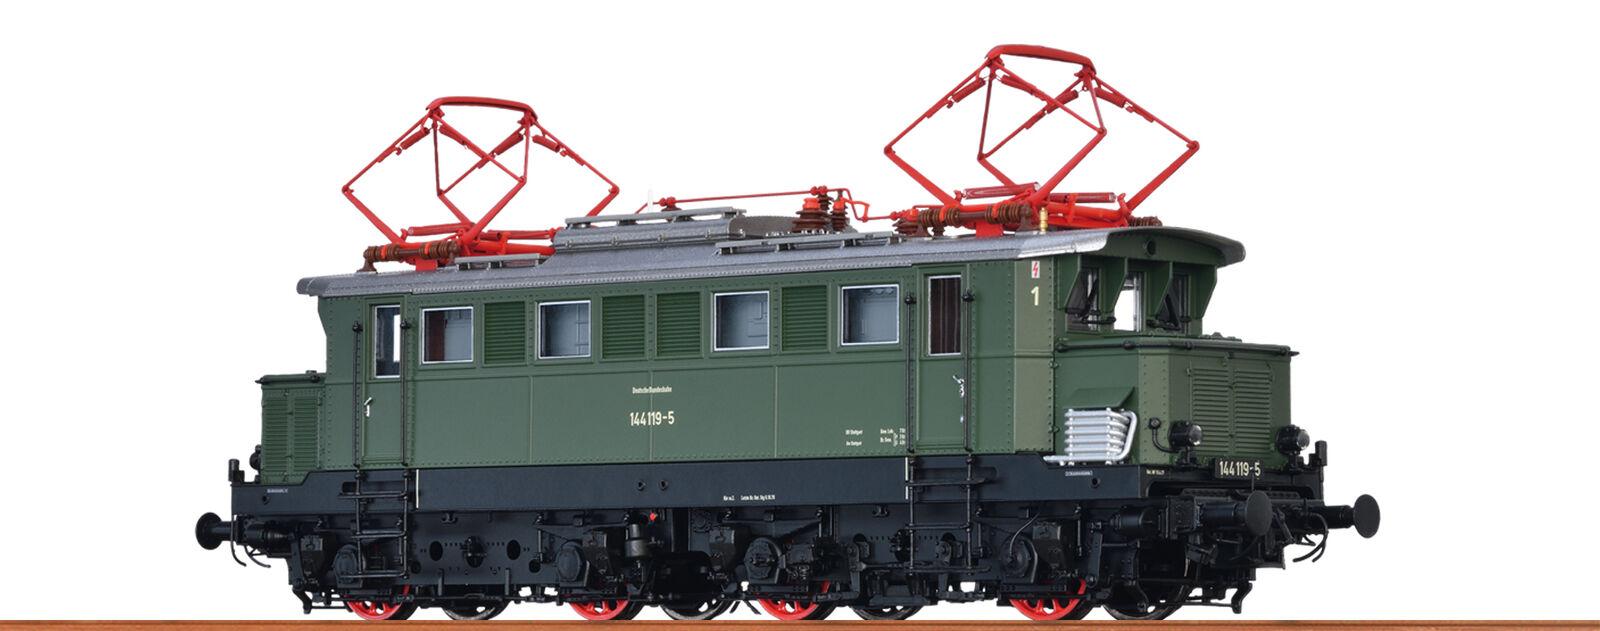 Brawa 43412 Scala H0 Locomotiva Elettrica BR144 Db, IV, Dc An Base +